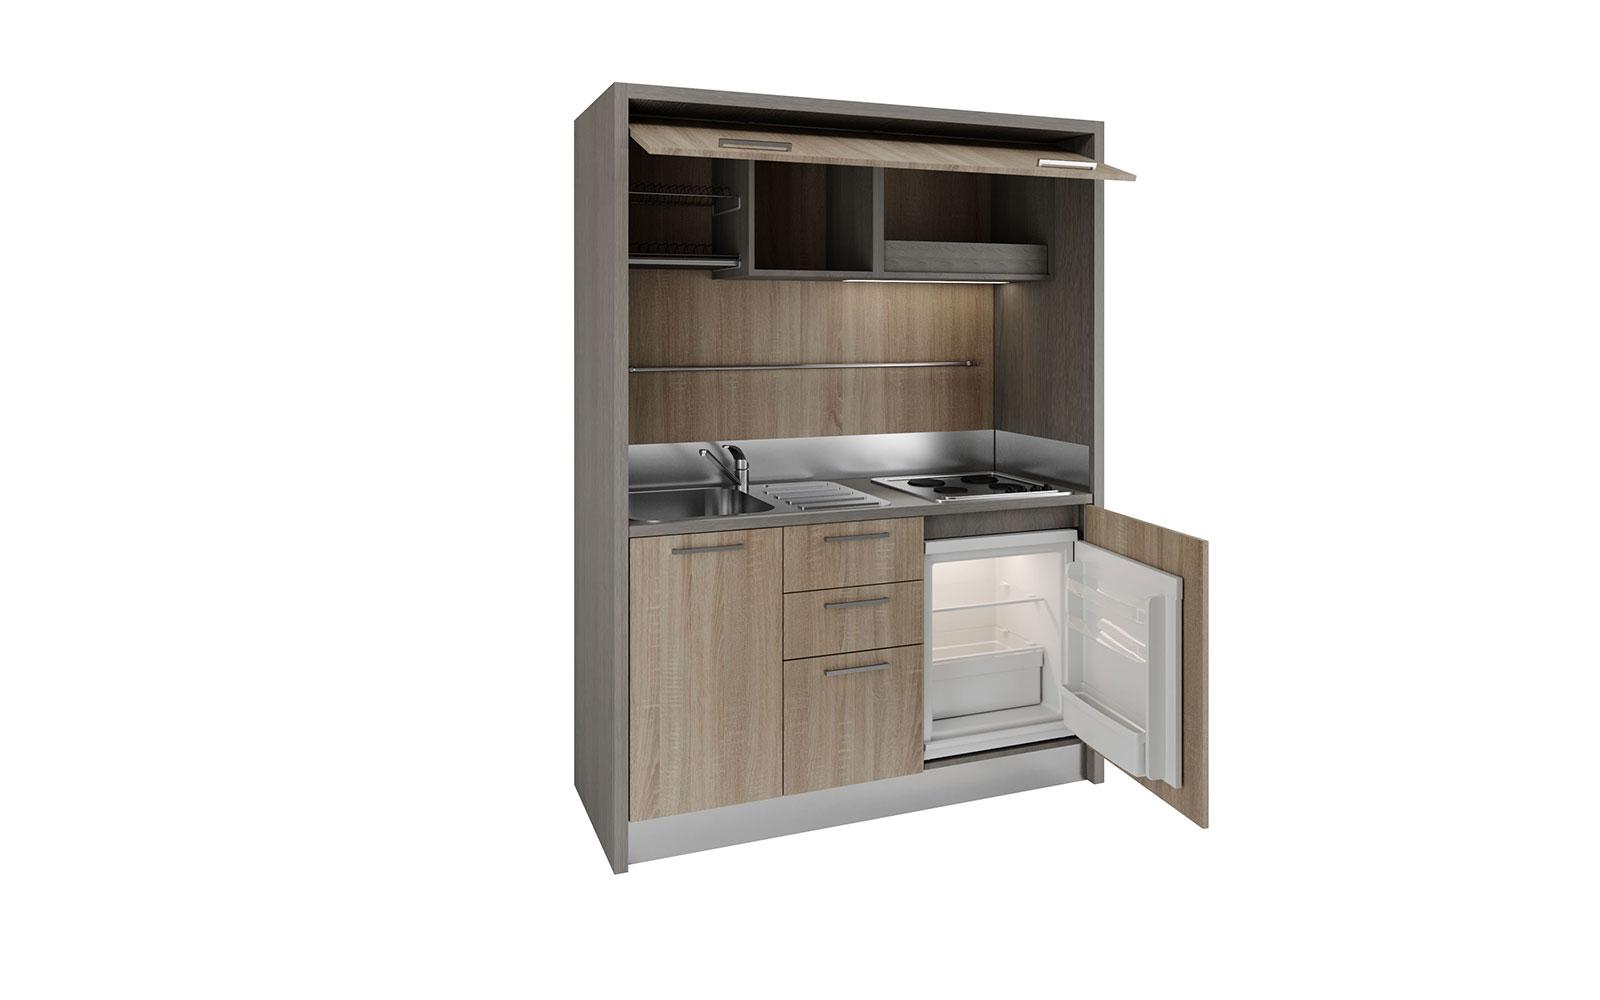 Garfagnana - Mini cucina monoblocco 158cm con piano cottura 4 fuochi ...